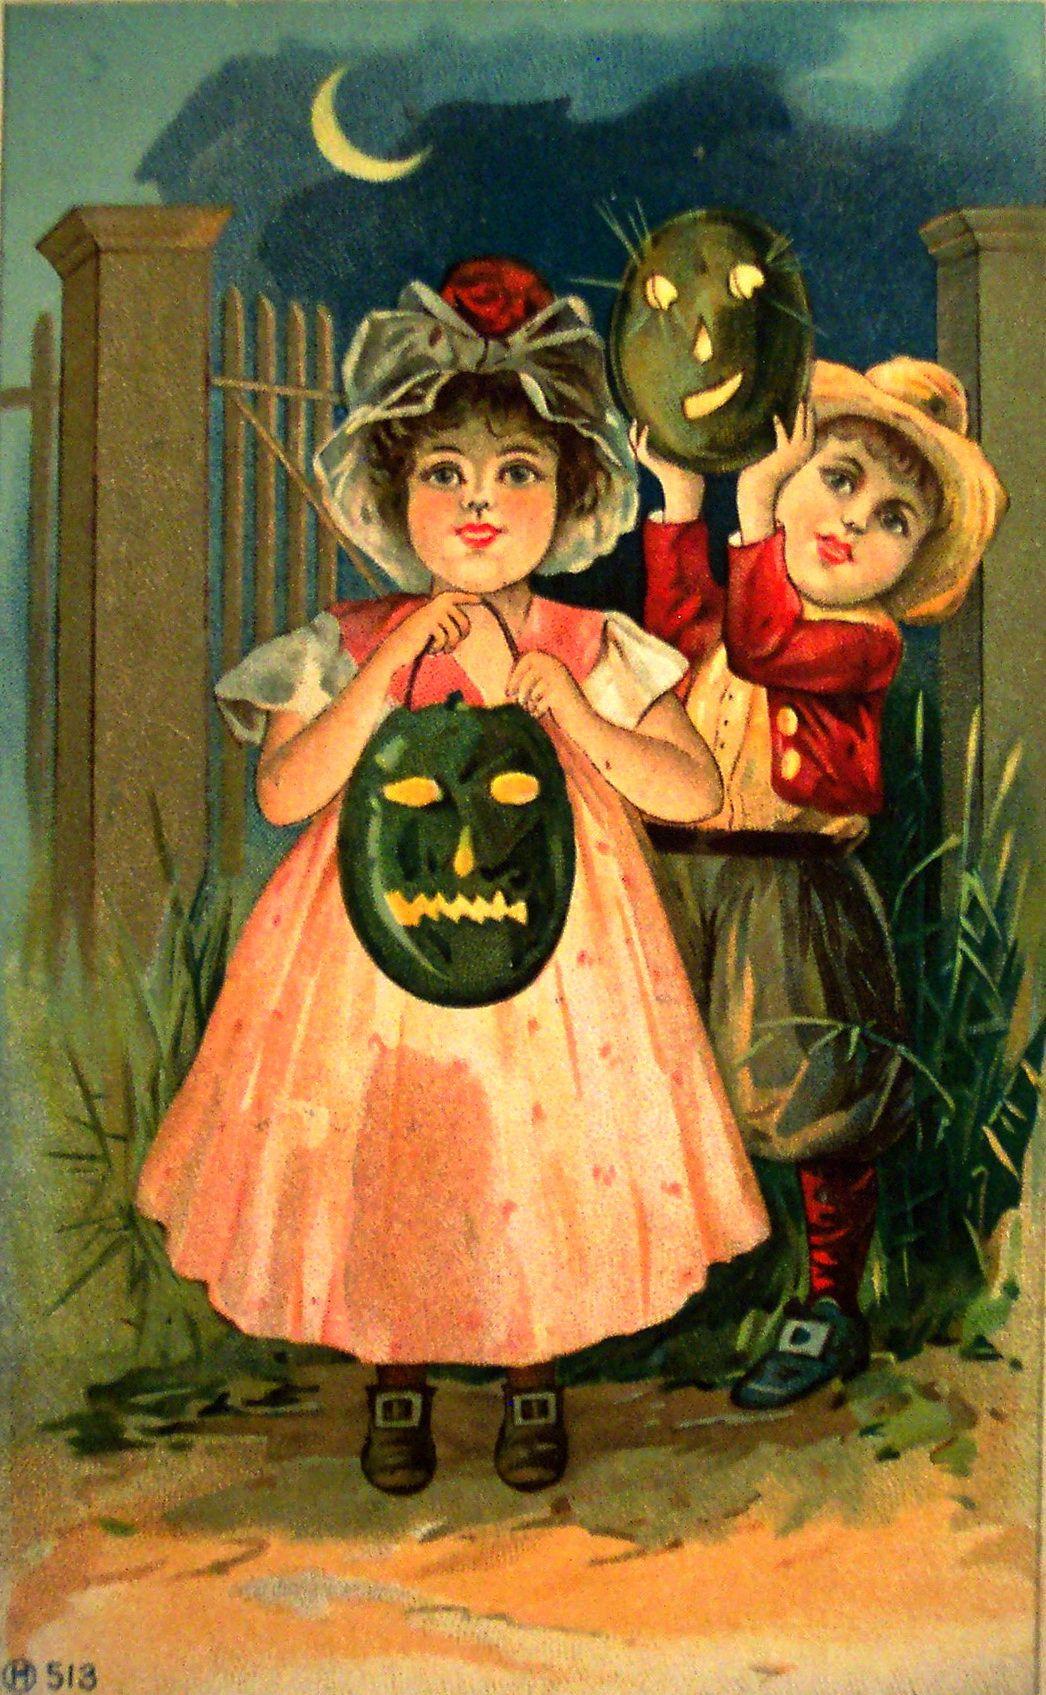 1000 images about vintage halloween on pinterest. Black Bedroom Furniture Sets. Home Design Ideas